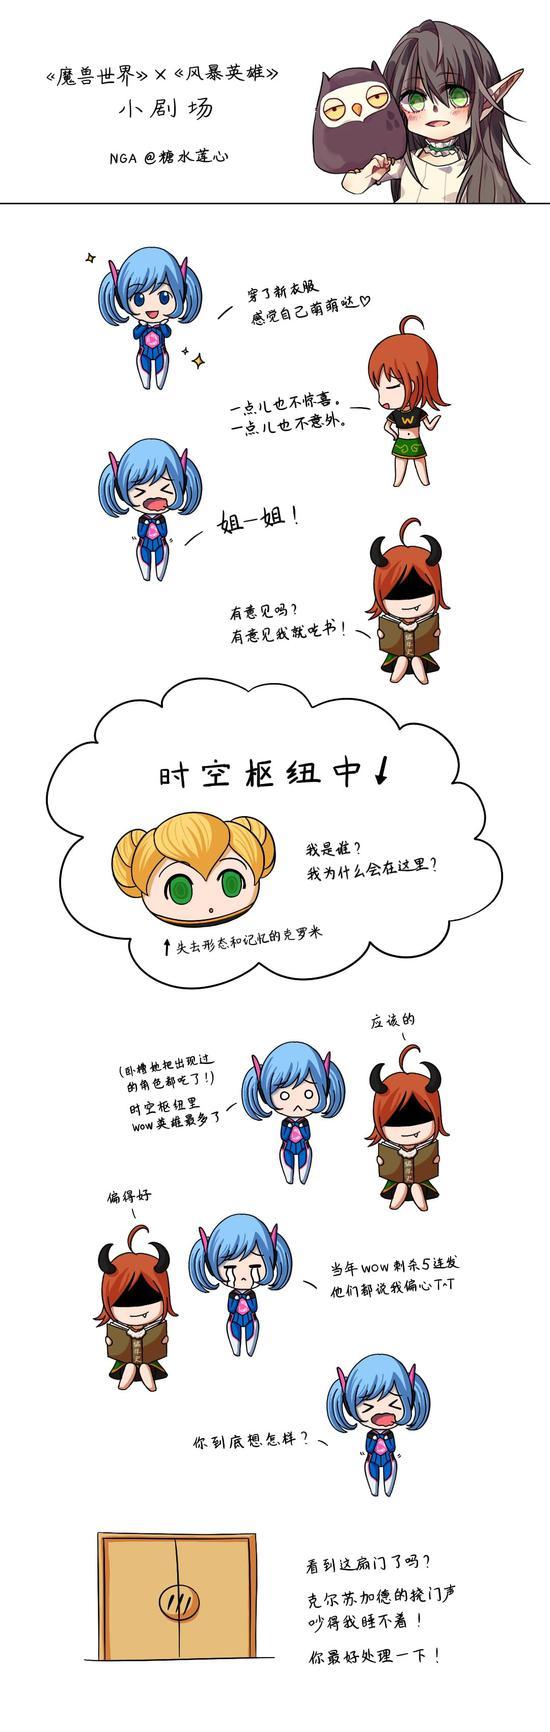 风暴英雄漫画小剧场:魔兽娘X风暴娘